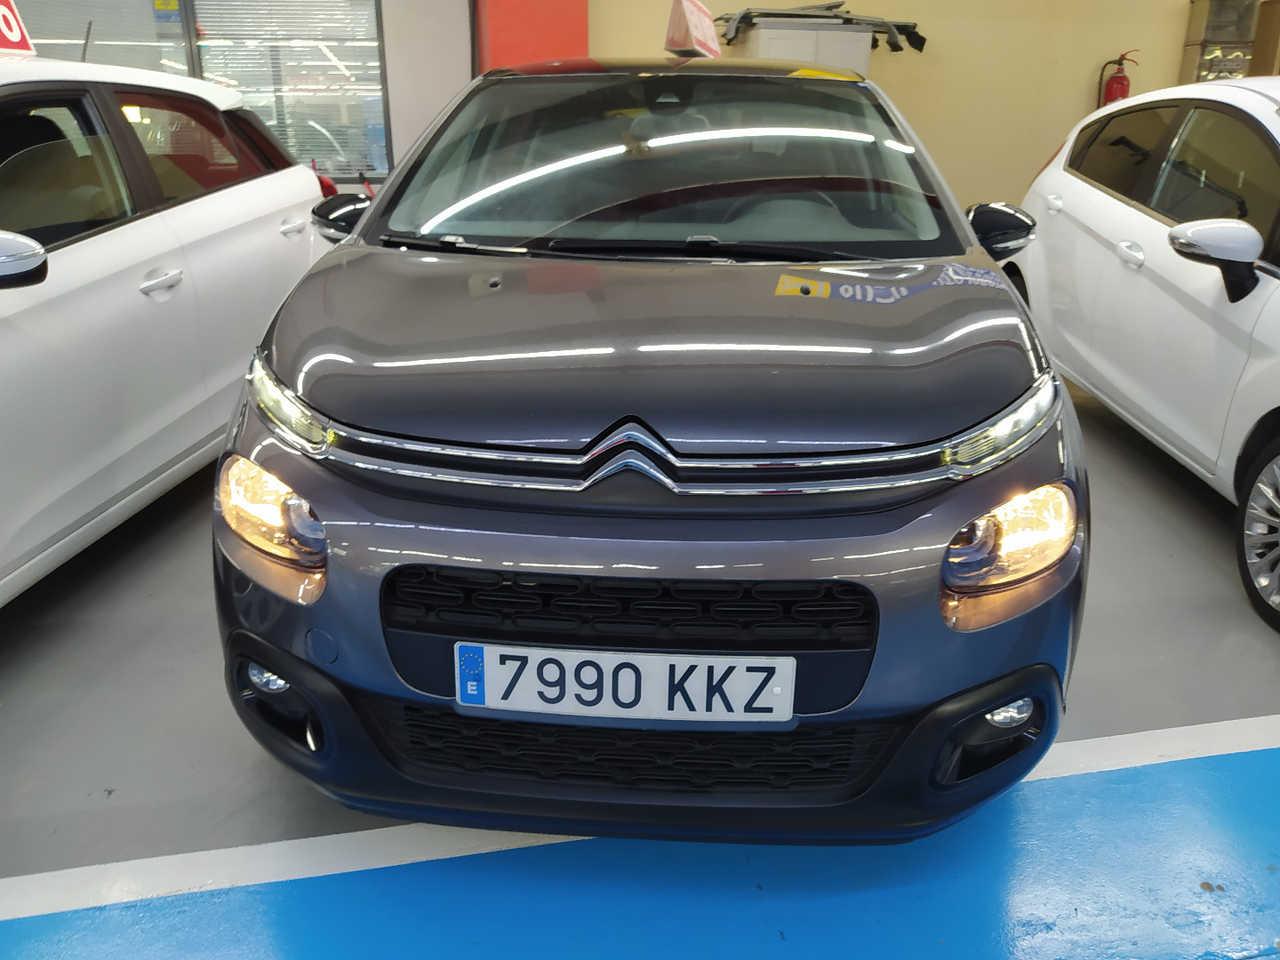 Citroën C3 CITRON C3 1.2 PURETECH 82CV   - Foto 1